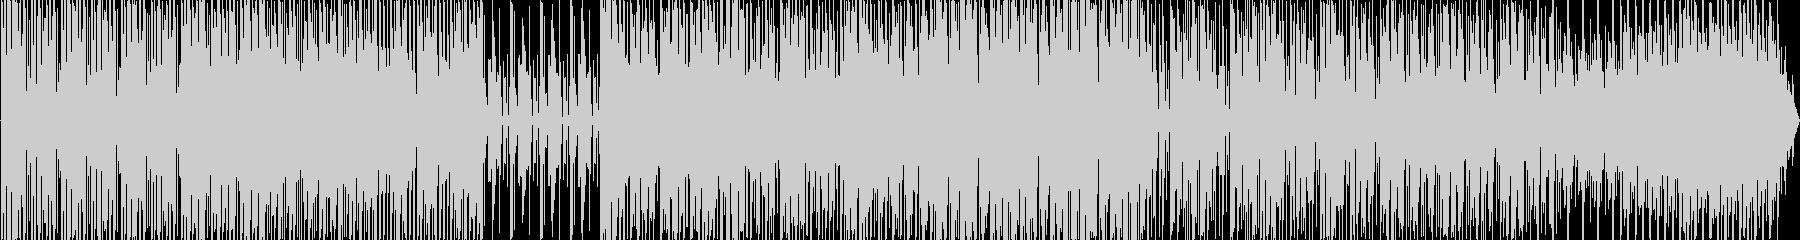 エレクトロポップインストゥルメンタ...の未再生の波形